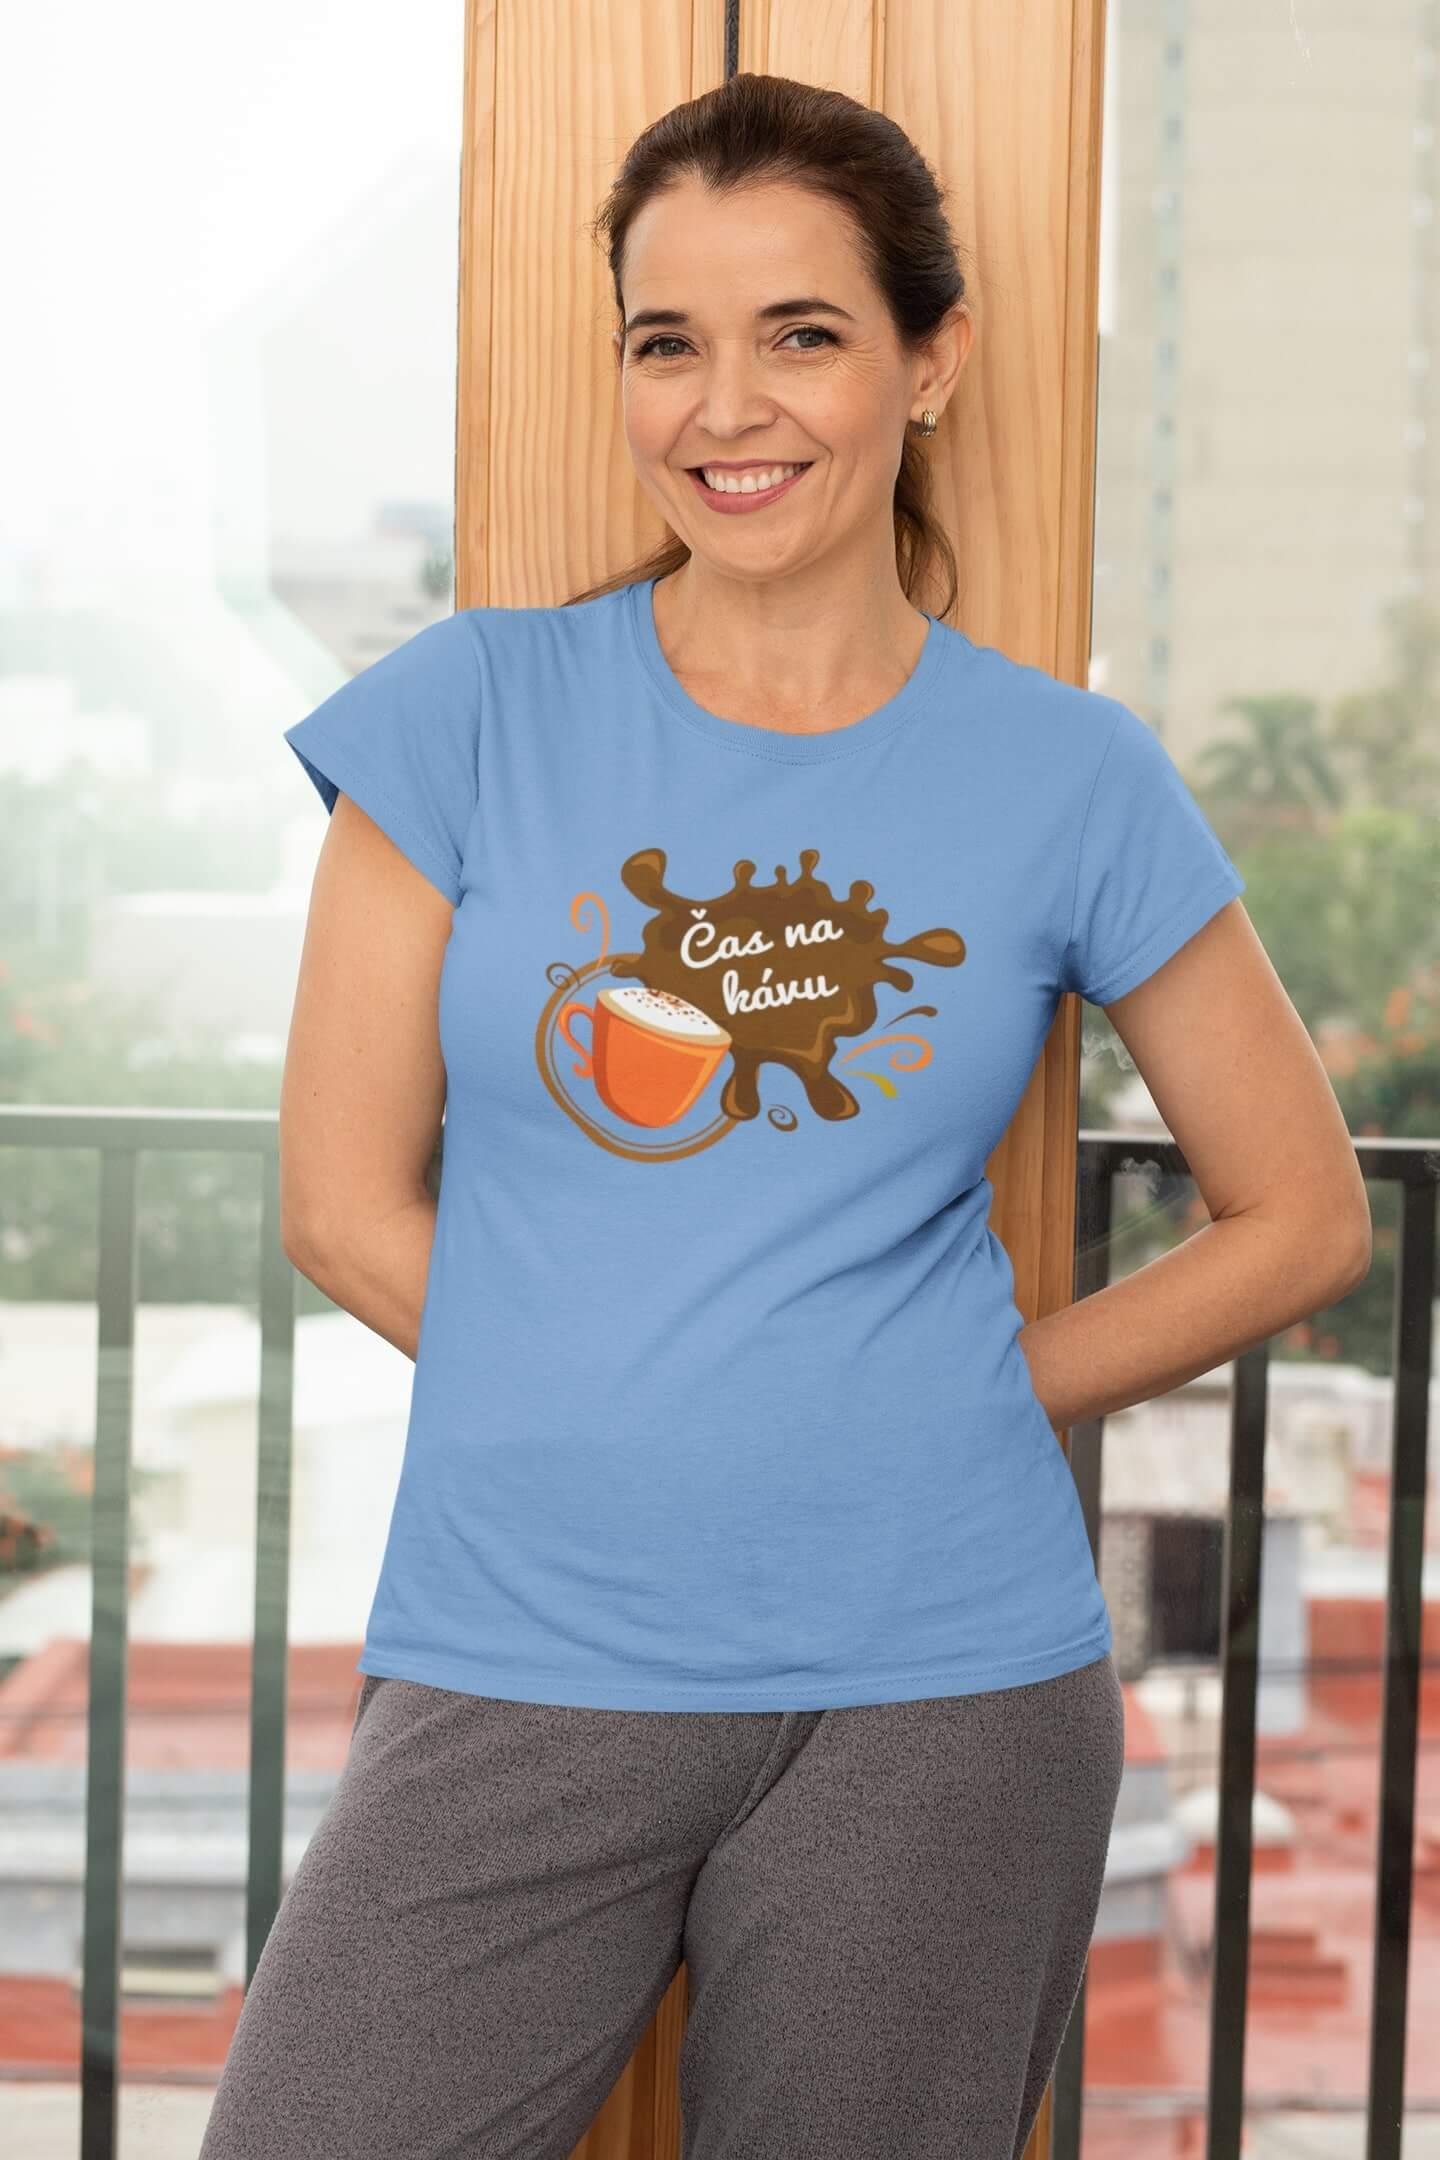 MMO Dámske tričko Čas na kávu Vyberte farbu: Svetlomodrá, Dámska veľkosť: XS